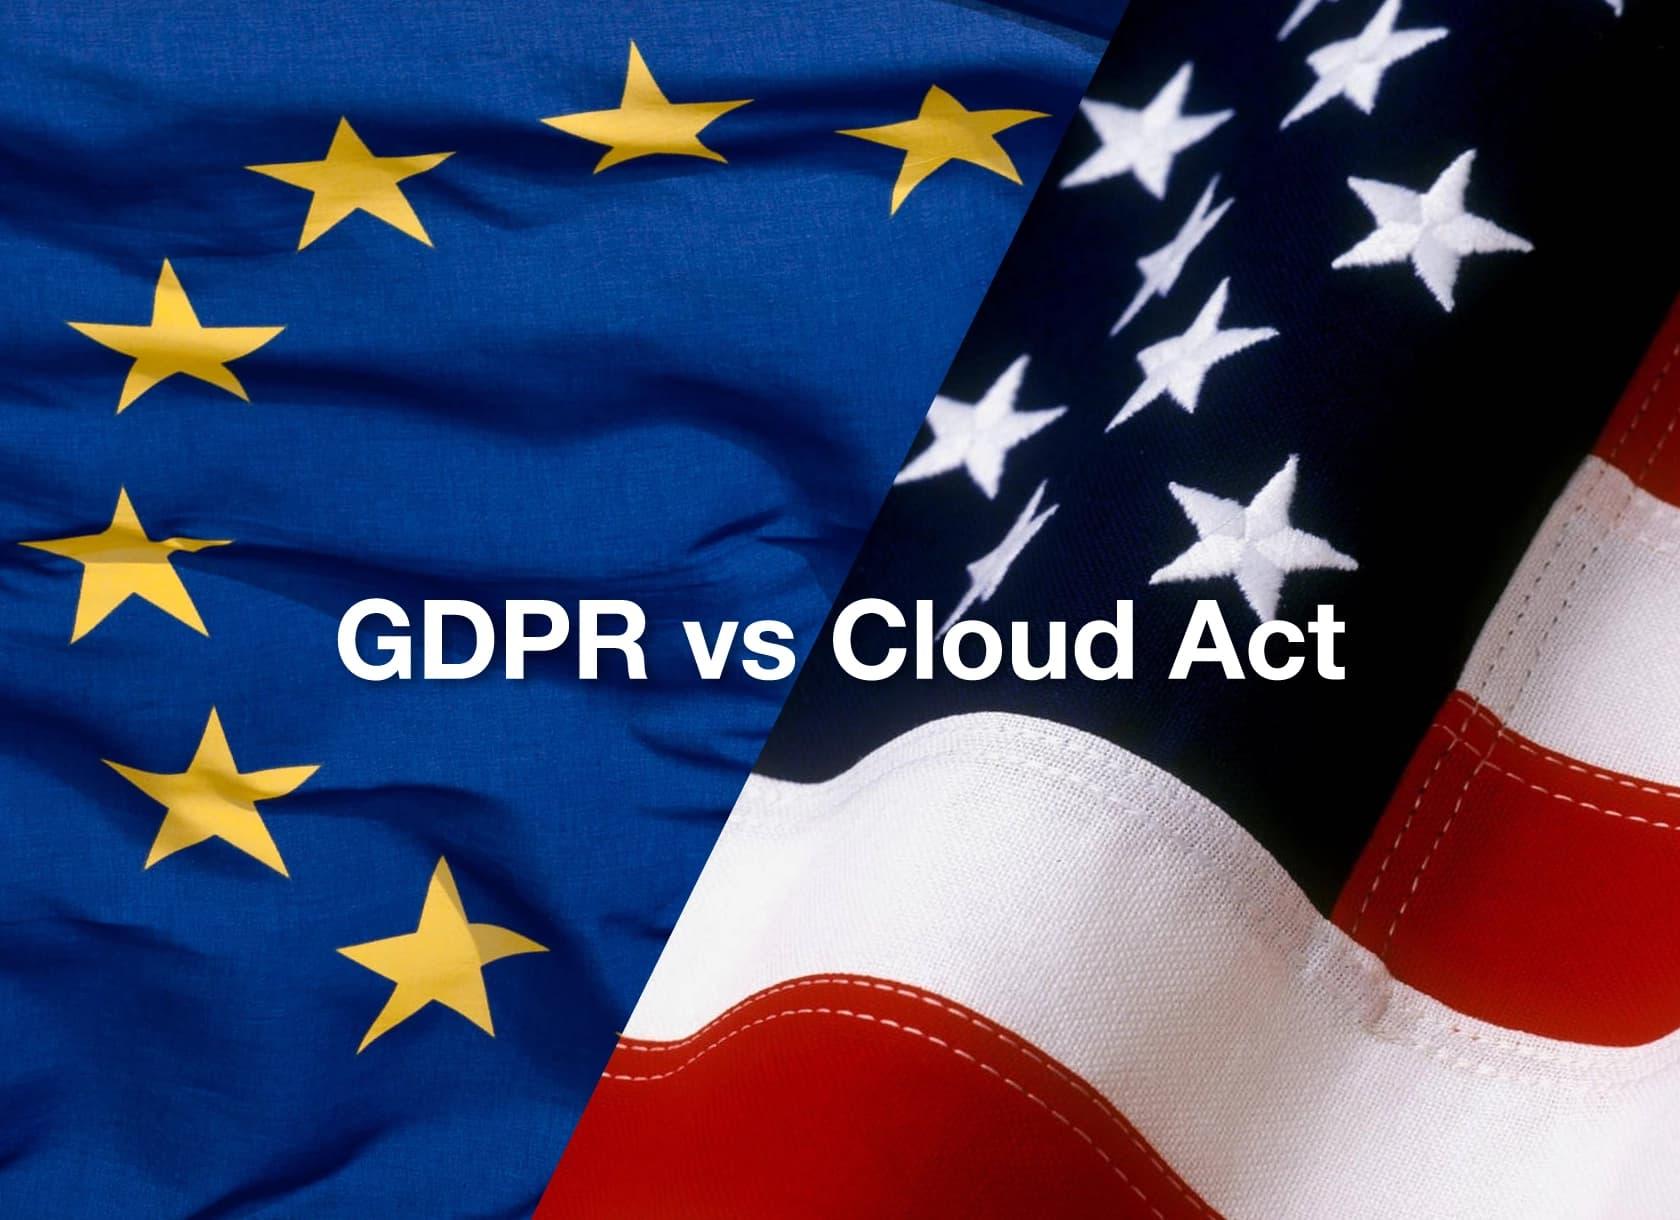 RGPD vs Cloud Act